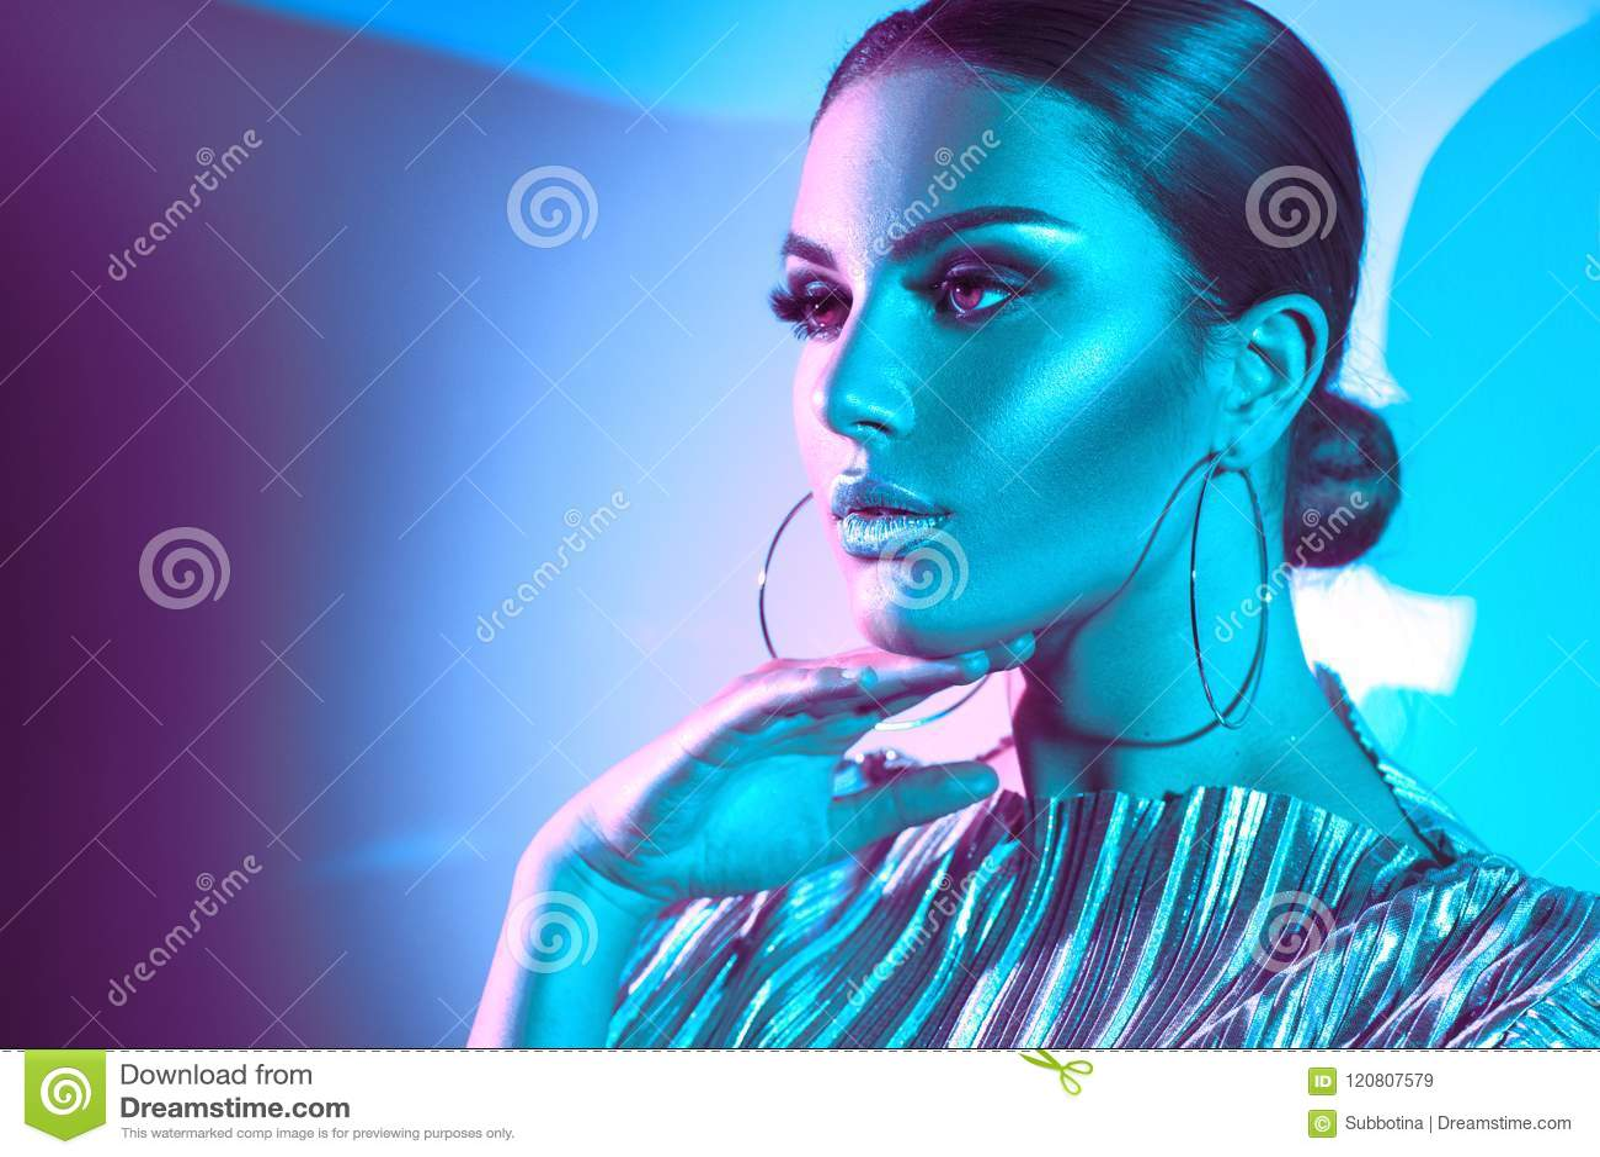 五颜六色的明亮的霓虹灯的时装模特儿深色的妇女 美丽的性感的女孩,时髦发光的构成,金属银色嘴唇